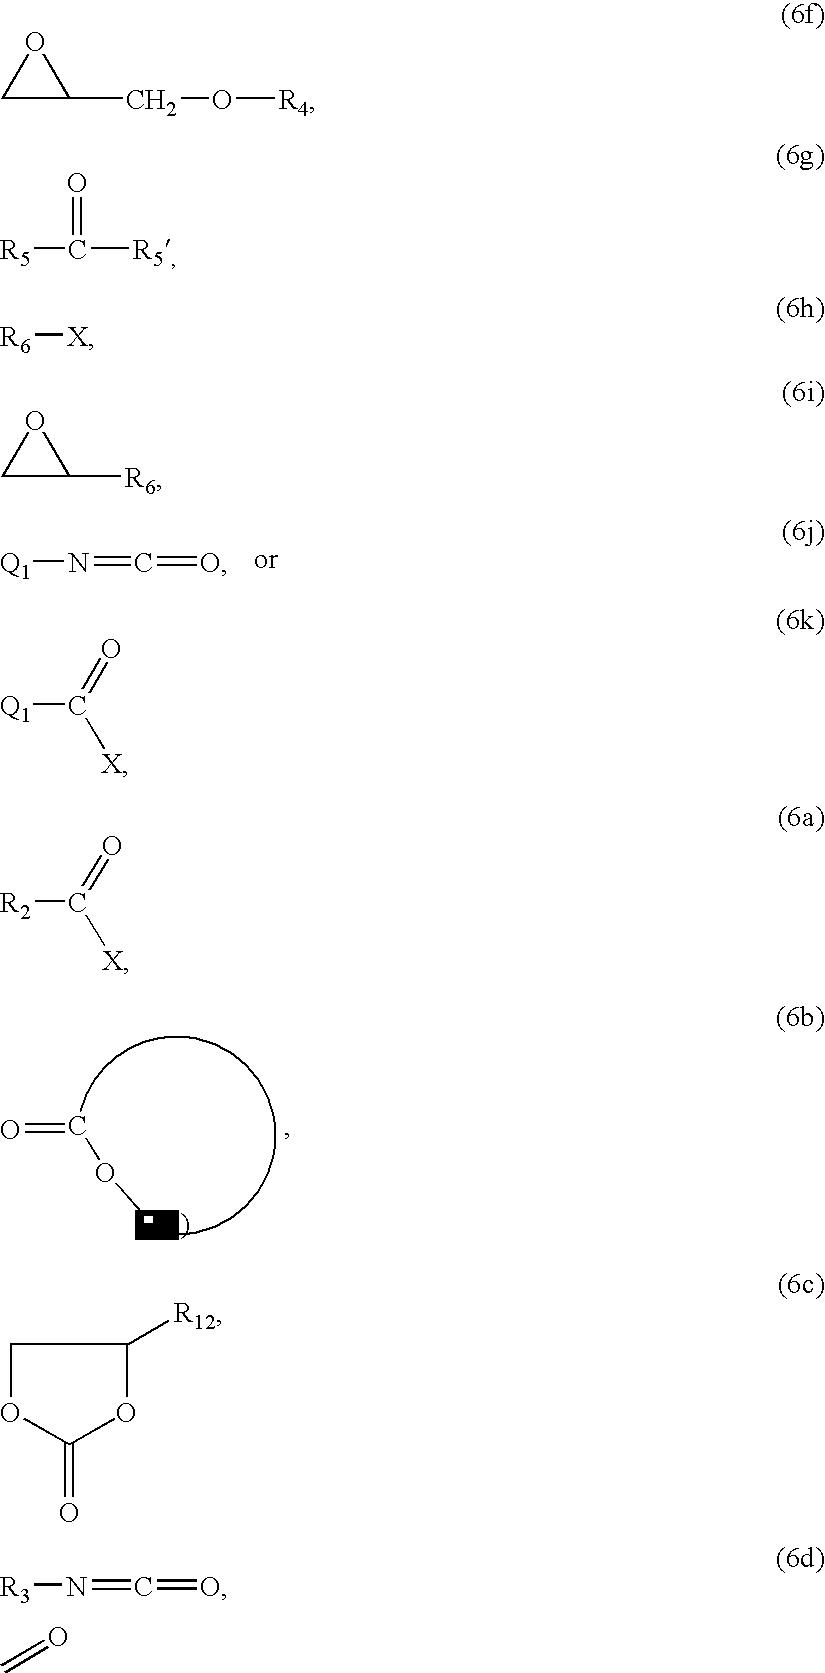 Figure US20030143335A1-20030731-C00002